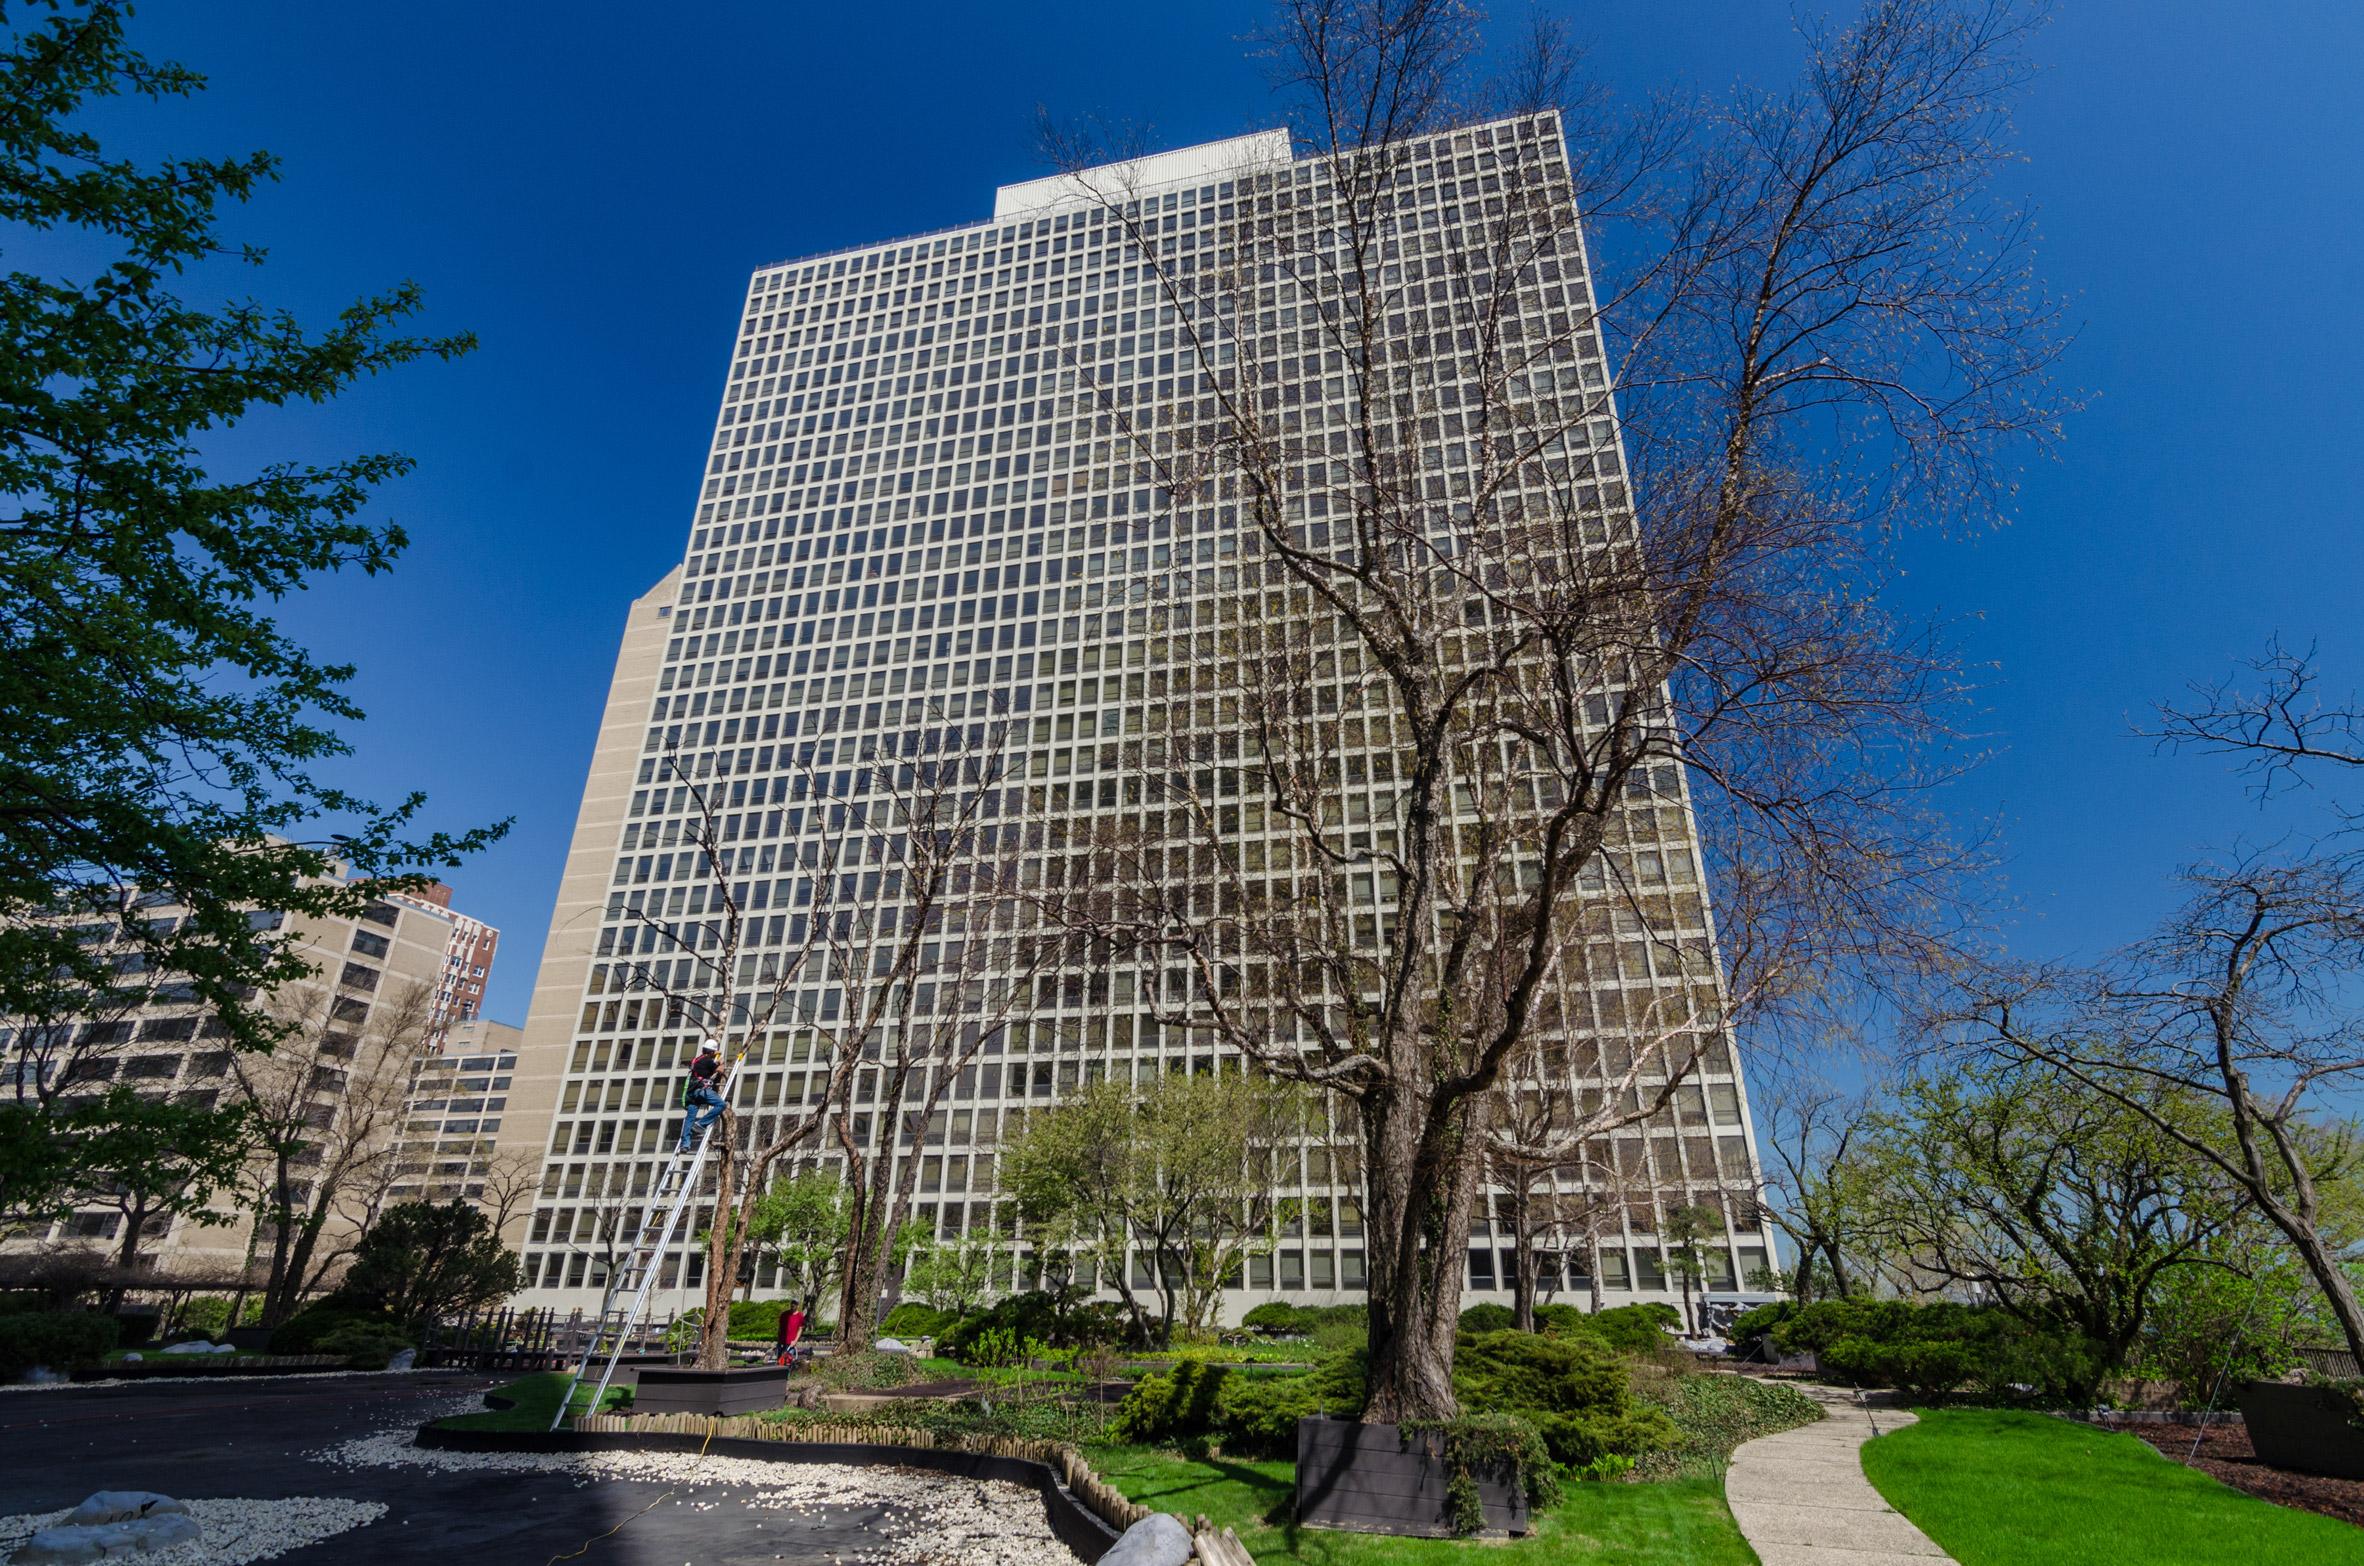 Regents Park Apartments by Dubin, Dubin, Black & Moutoussamy for Open House Chicago